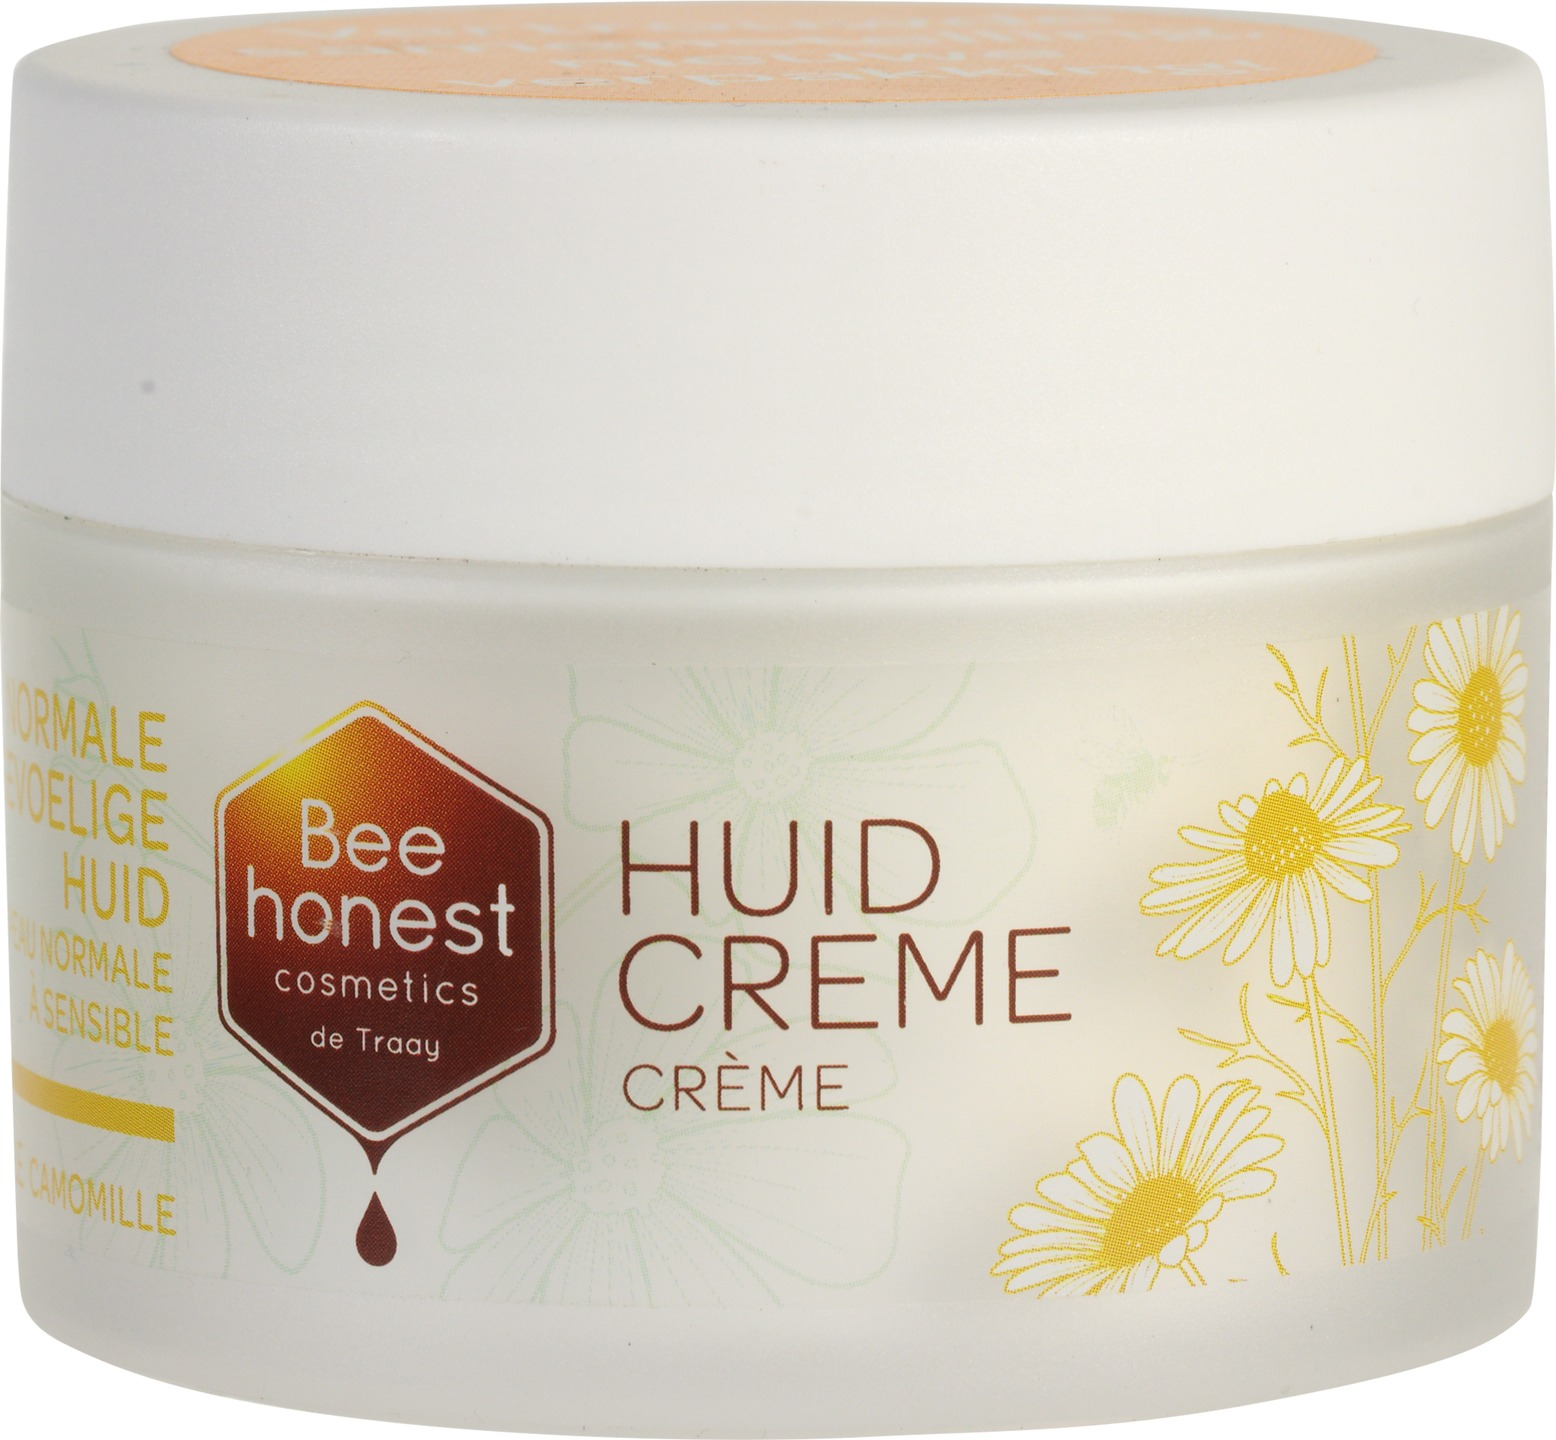 Biologische Bee honest cosmetics Dag- en nachtcrème kamille - normale & gevoelige huid 100 ml